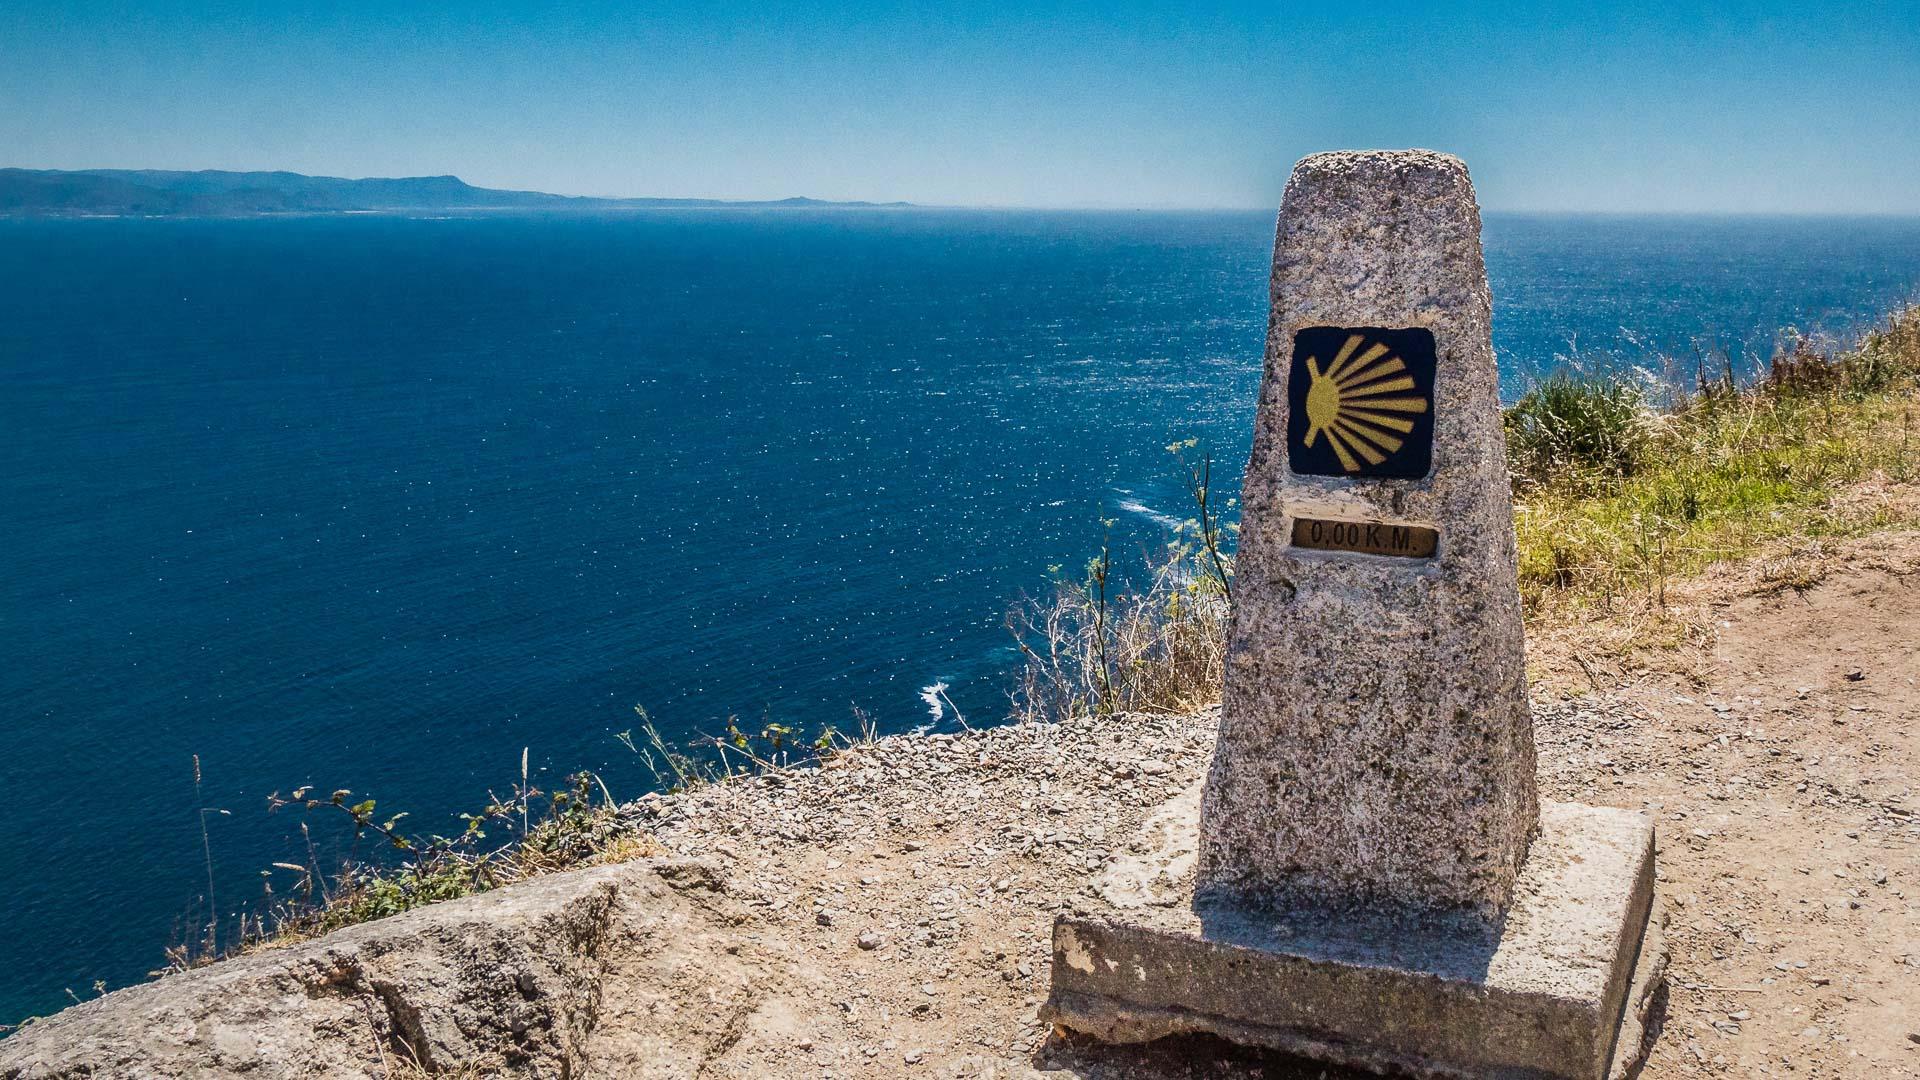 E-Velo Reisen entlang des Jakobweges - am Kap Finisterre war früher die Welt zu Ende, hier ist auch ein weiterer Endpunkt der Reise für viele Pilger